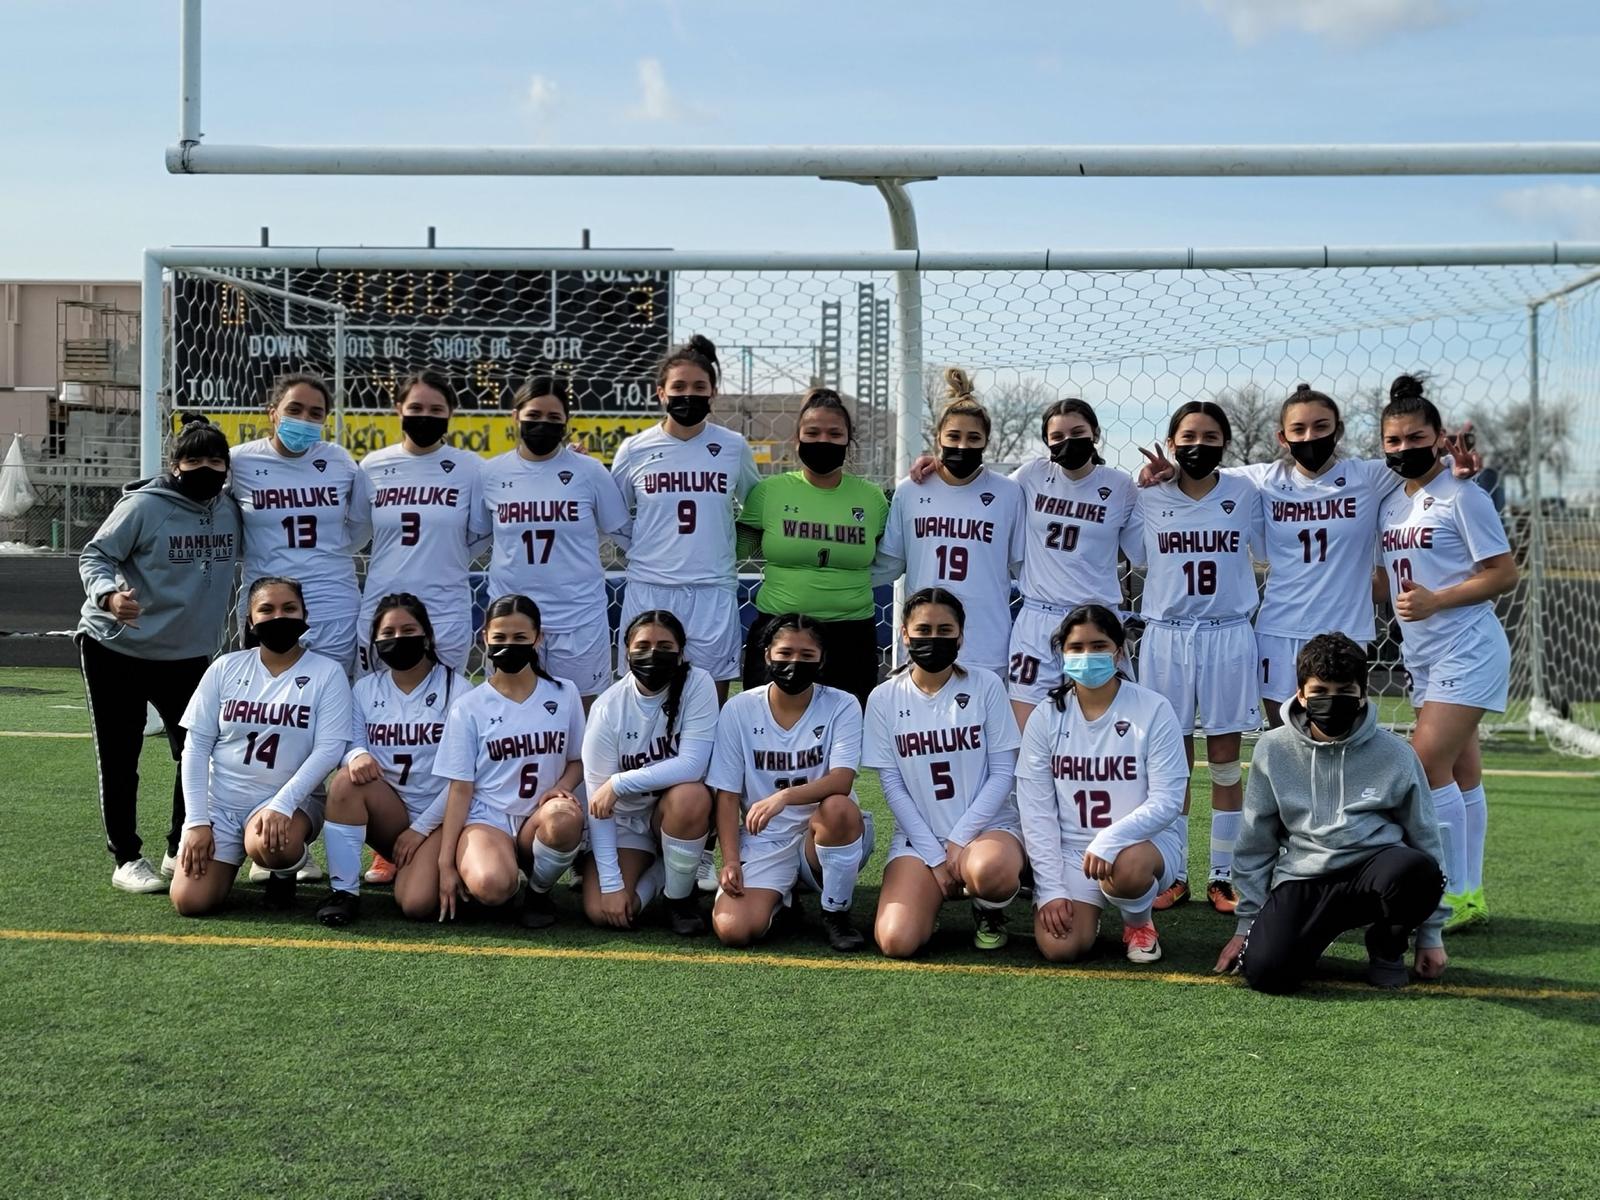 Wahluke Varsity Girls Soccer vs Warden Varsity Girls Soccer Matchup